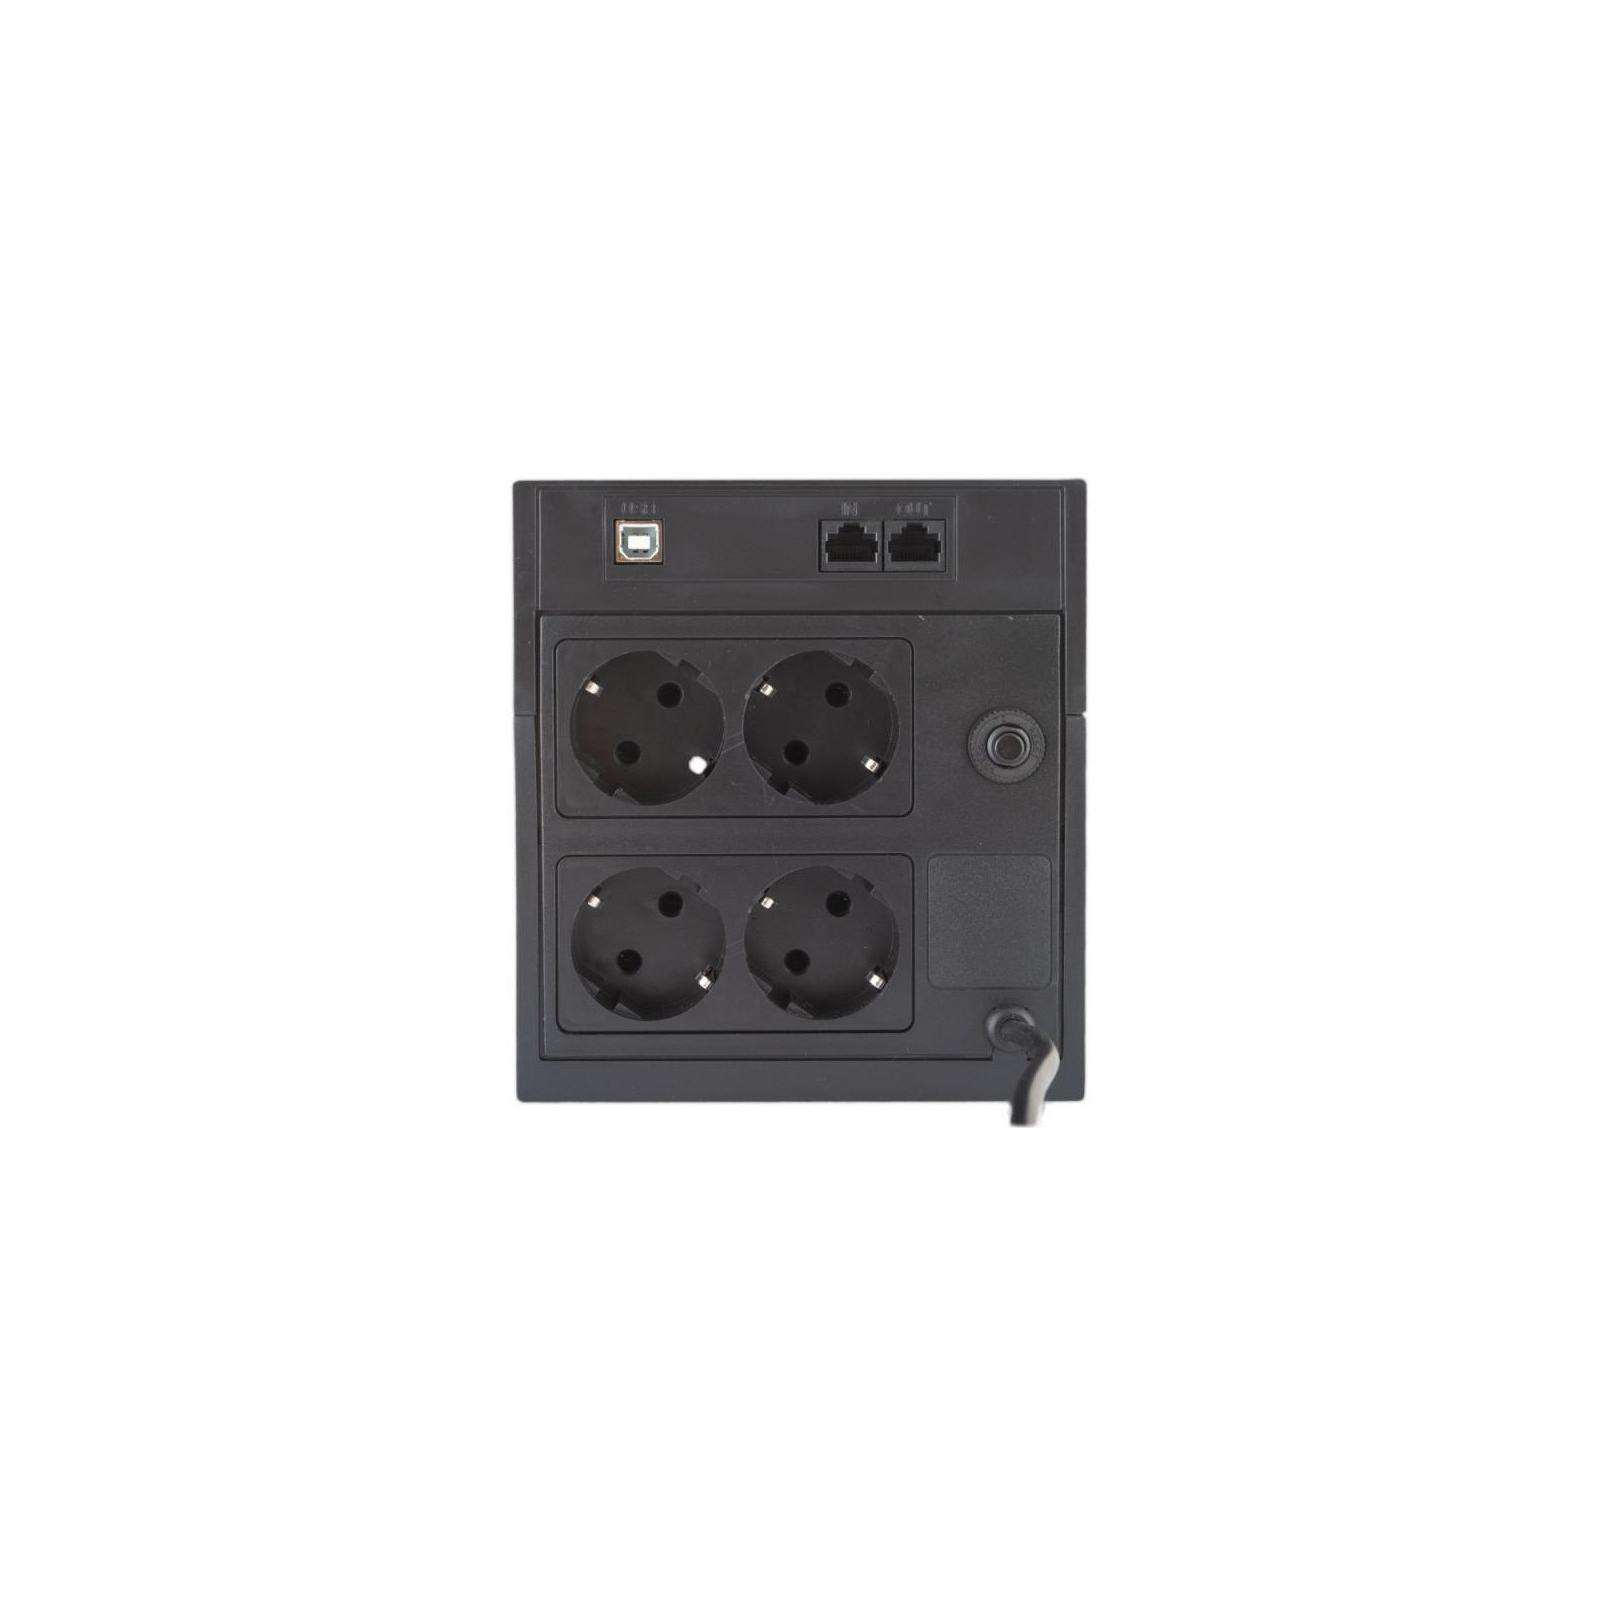 Источник бесперебойного питания Powercom RPT-1500AP LCD SCHUKO изображение 3